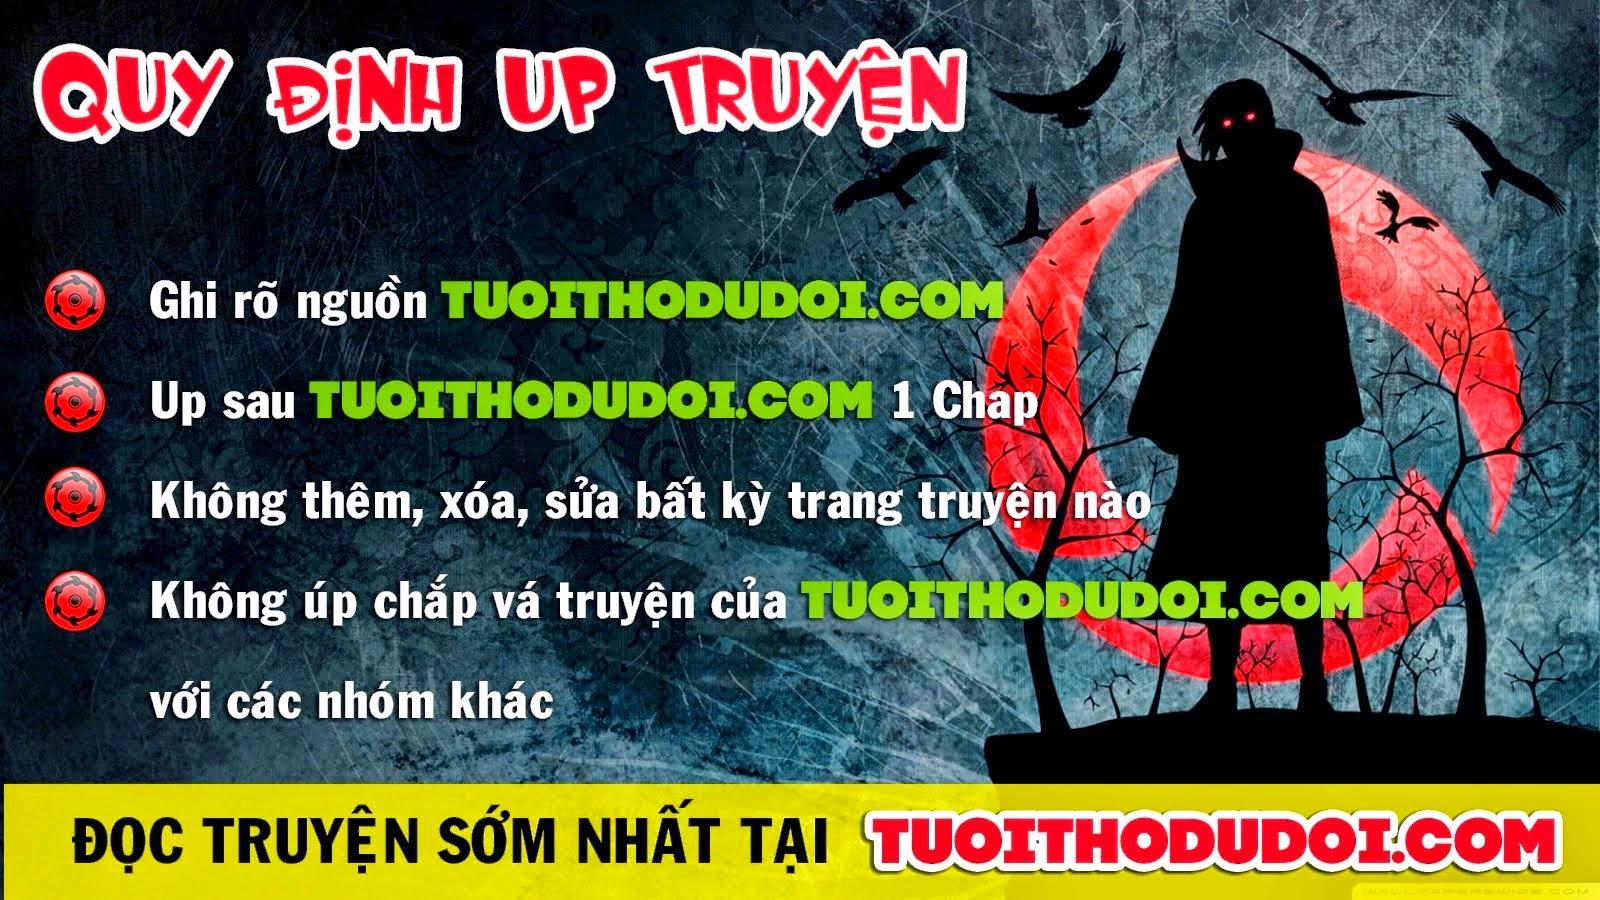 tuoithodudoi.com dich-gia-lam - Chap 18